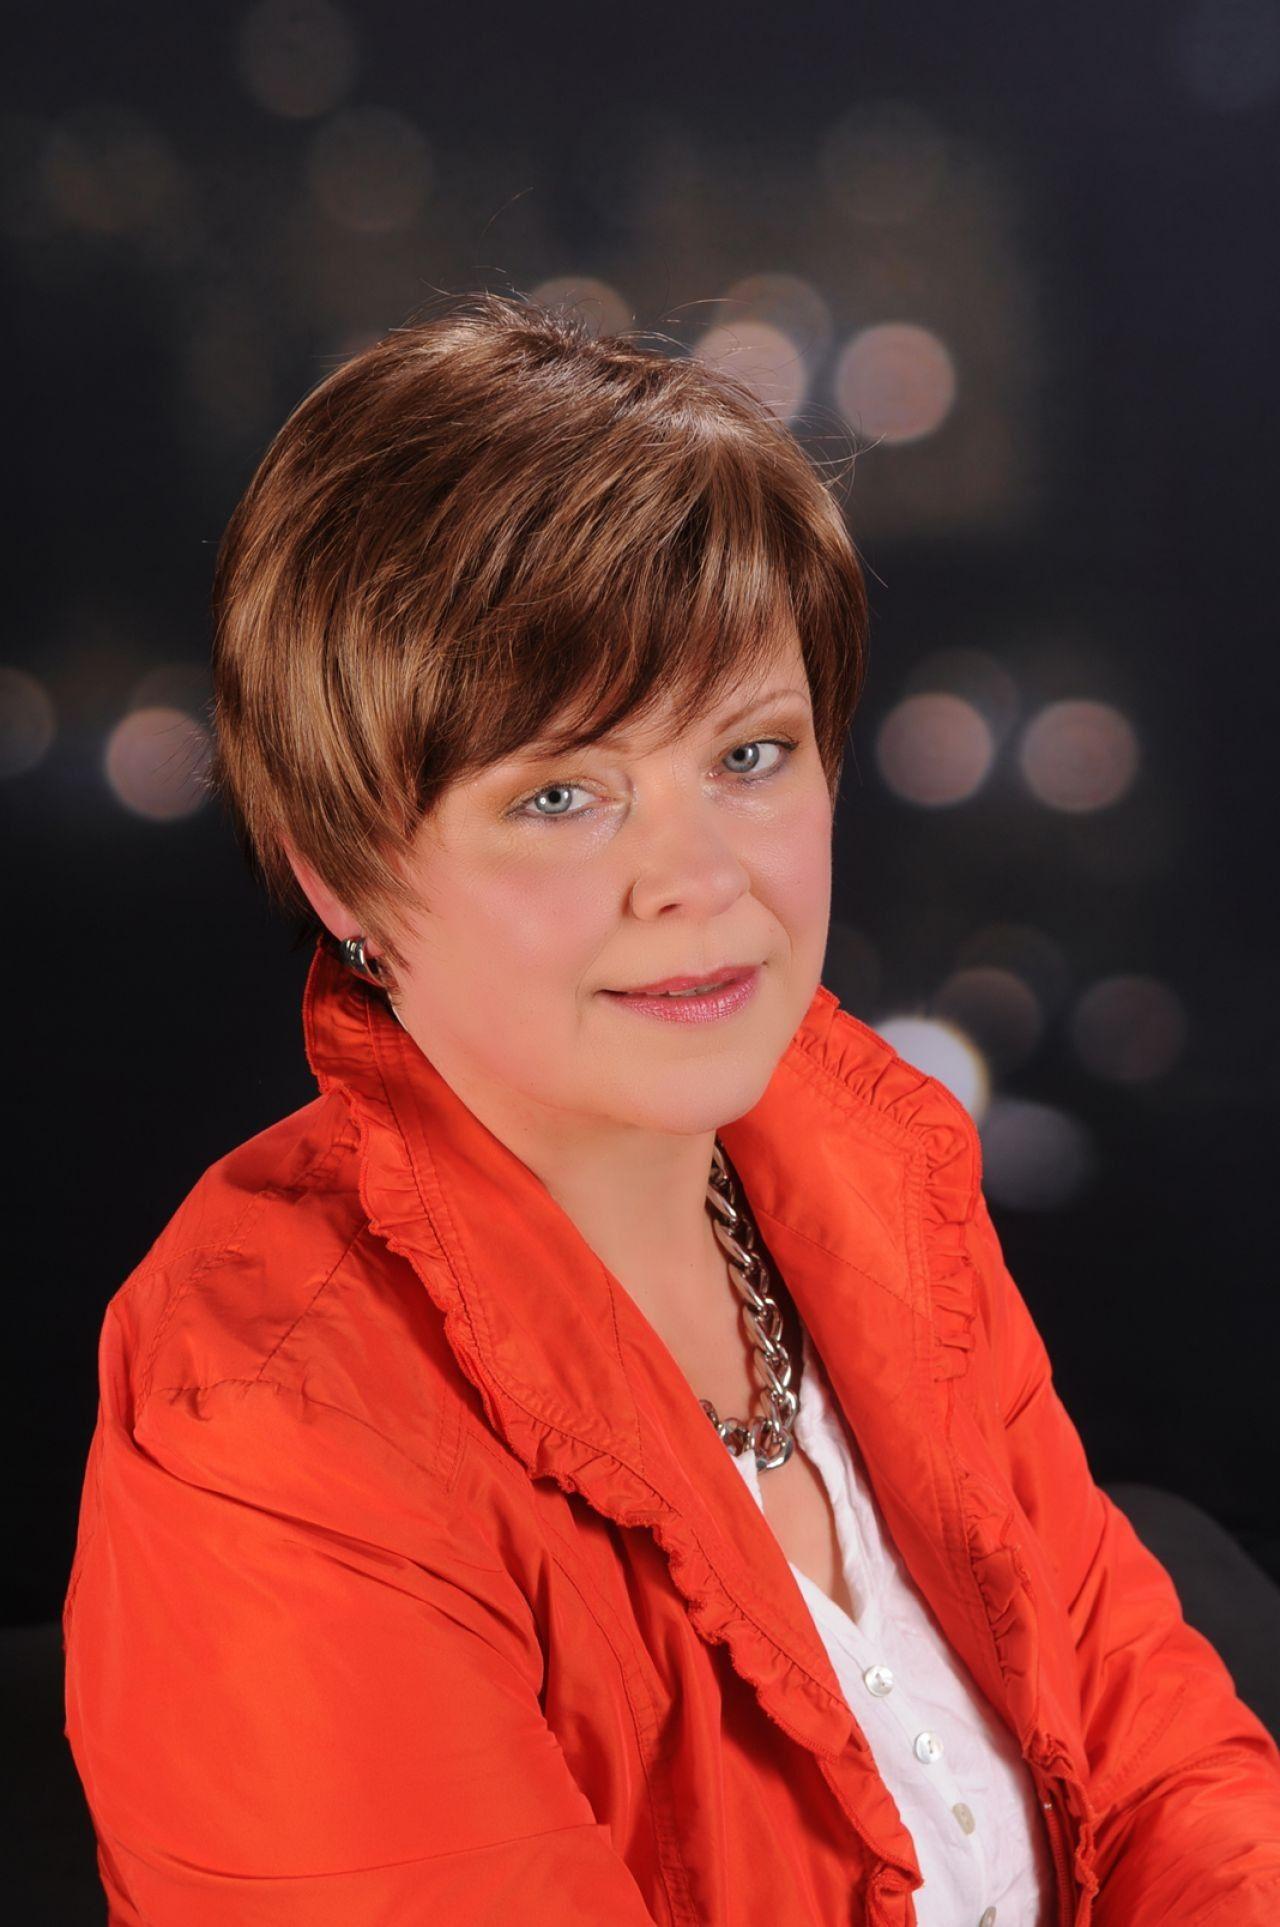 Gisela-Mayer Hieske Haarfantasien 2020-08-26 18:11:08